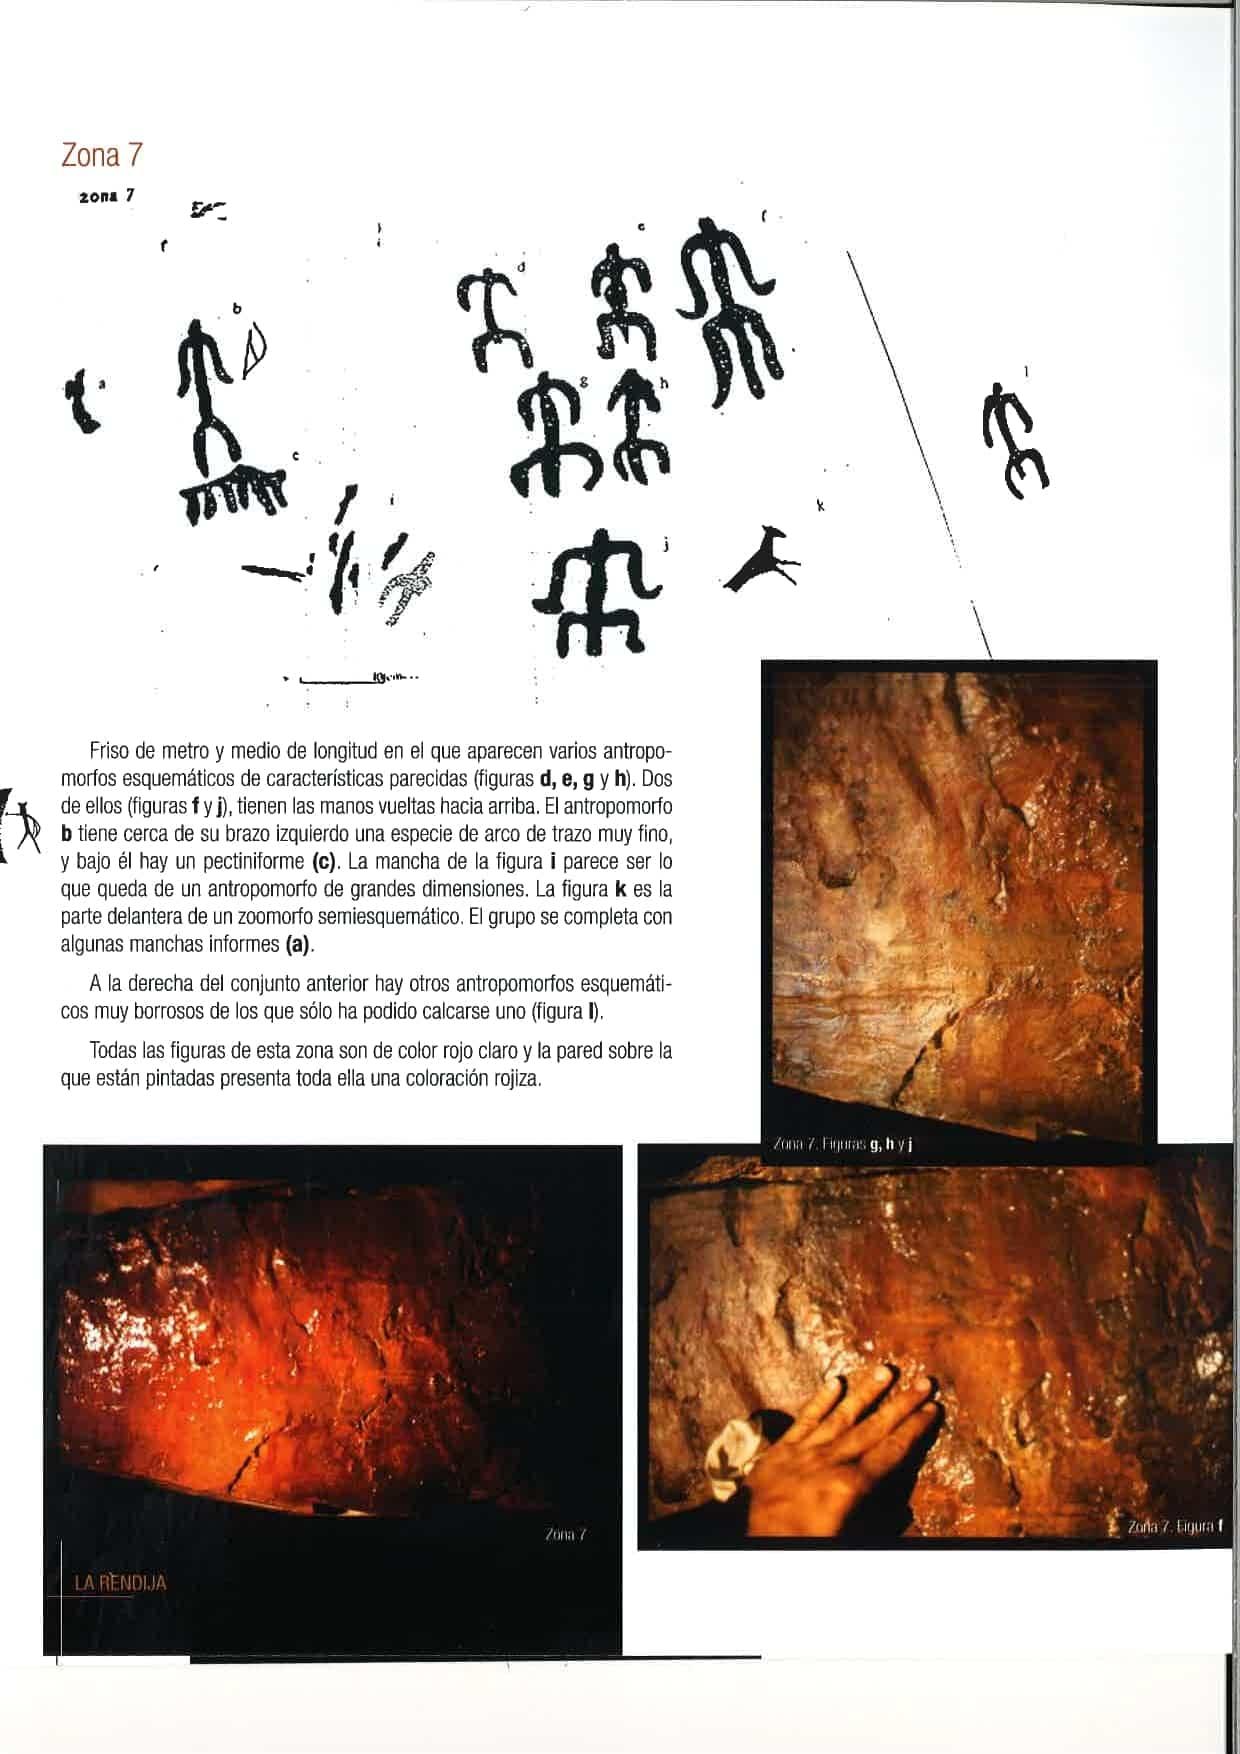 """la rendija herencia page 0013 - Herencia celebró el Día Europeo del Arte Rupestre con """"La Rendija"""""""